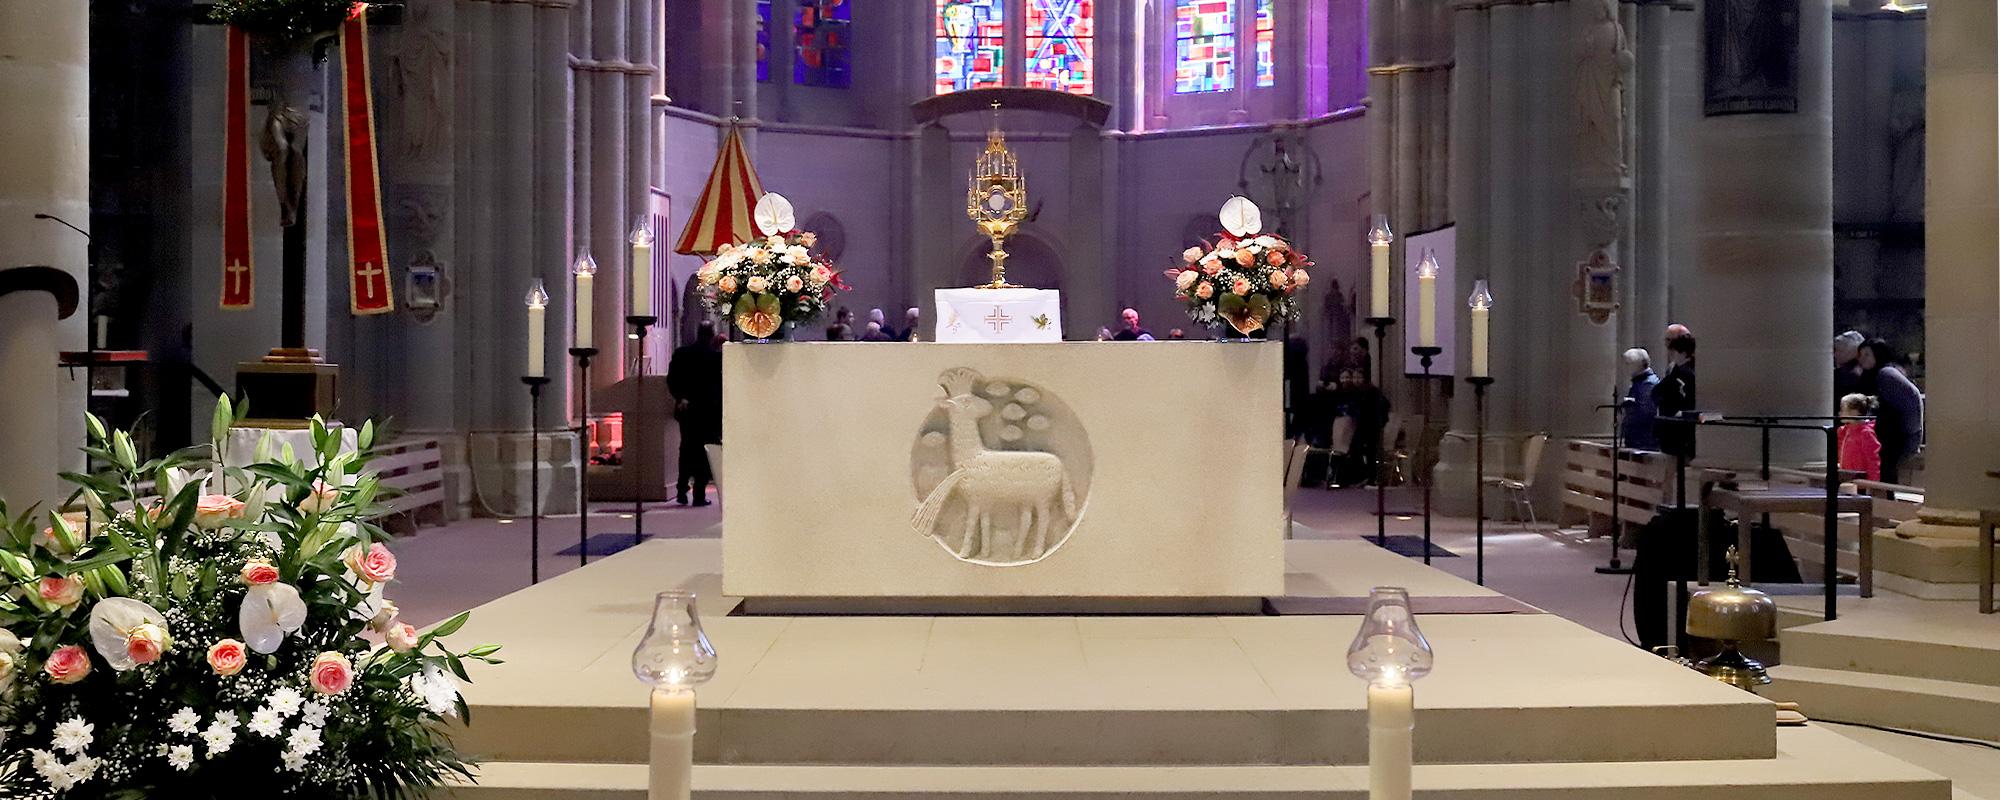 Ein hergerichteter Altar mit Blumengestecken rechts und links sowie links vor dem Altar auf dem Boden.